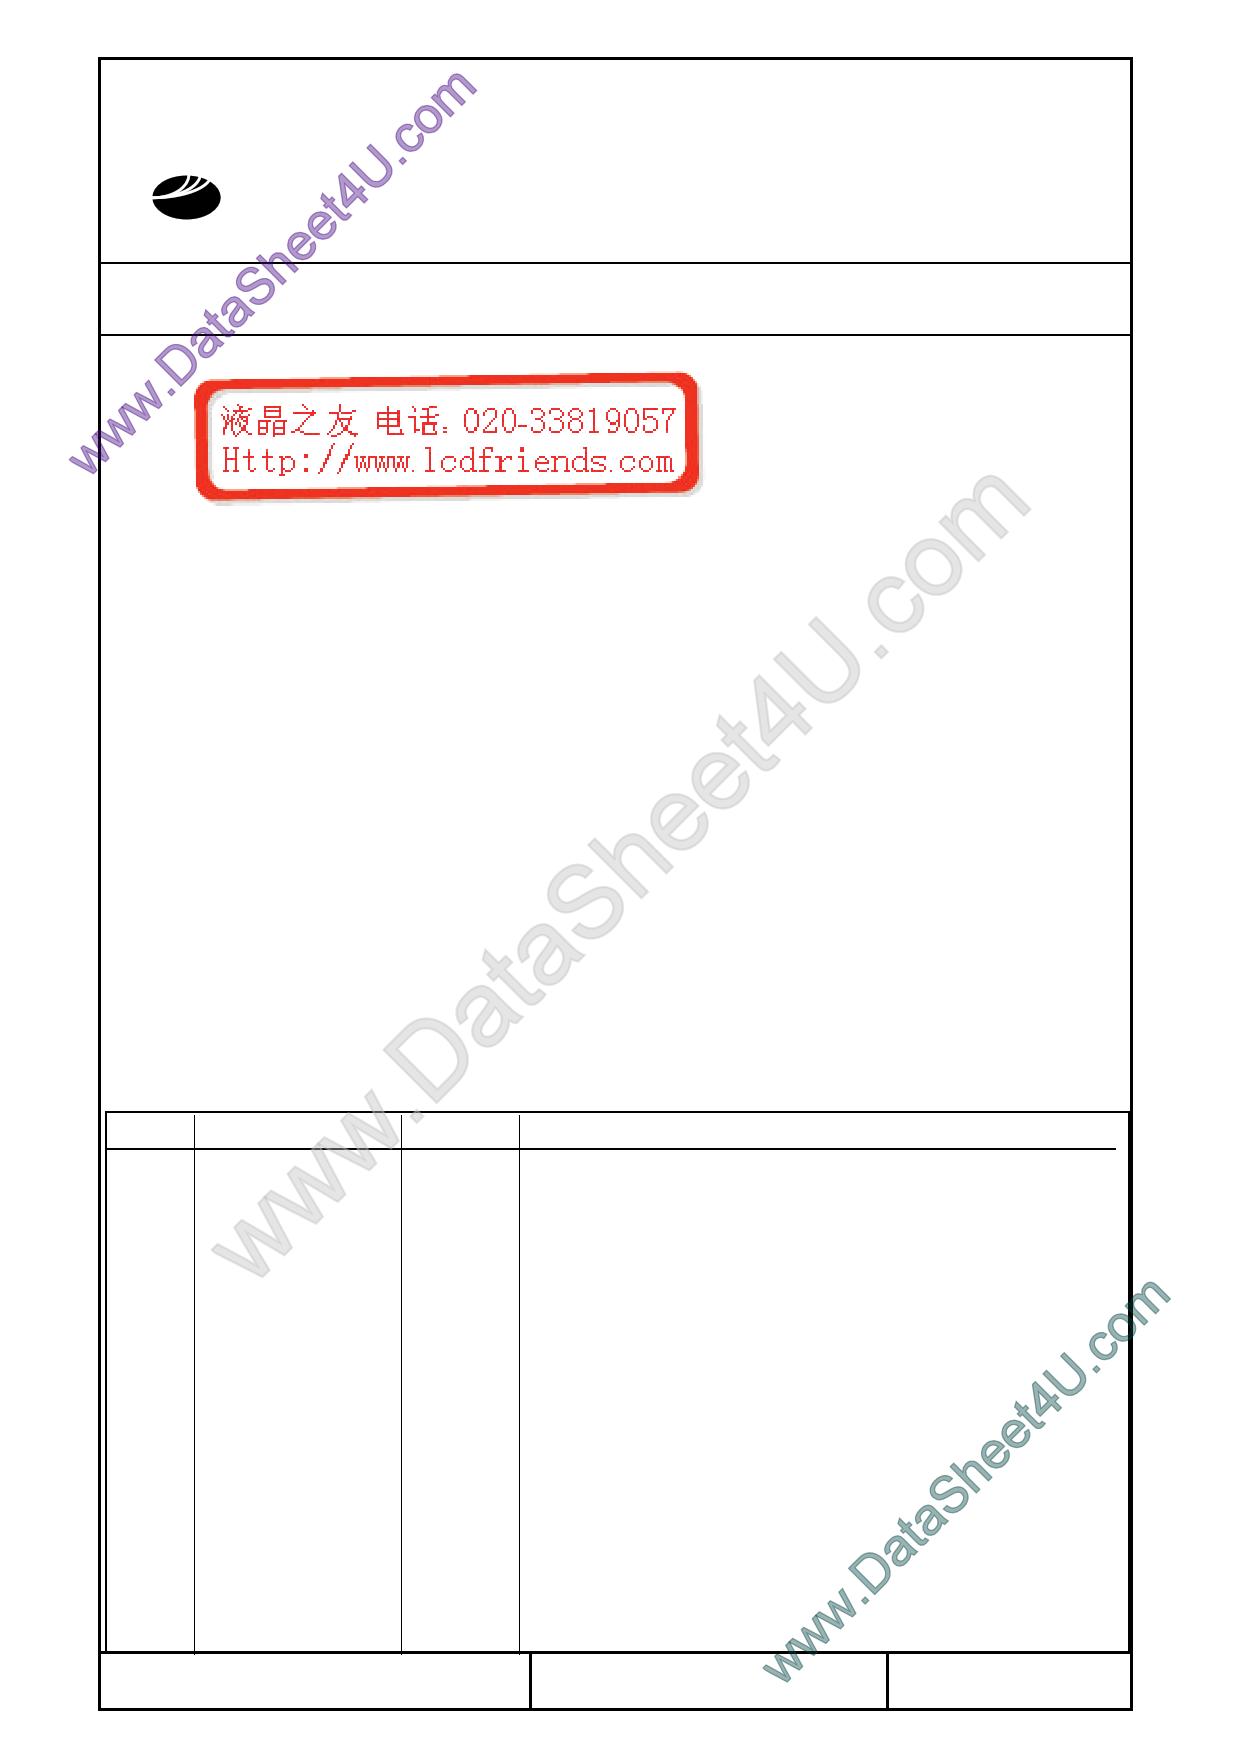 T-51381L064J_FW_P_AC Даташит, Описание, Даташиты